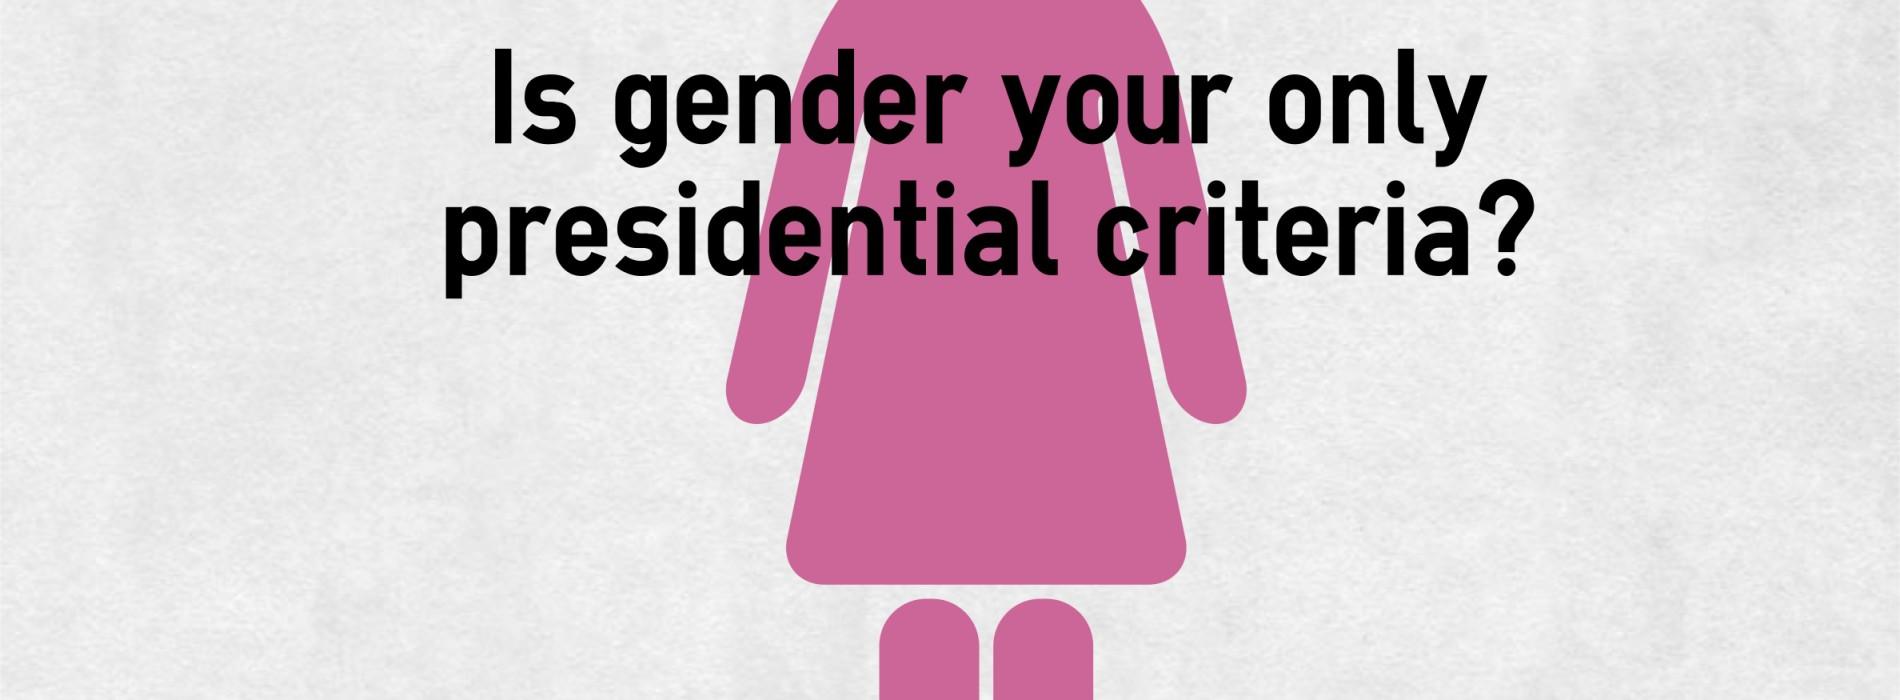 性だけが大統領右を選ぶ基準なのか?と問うポスター